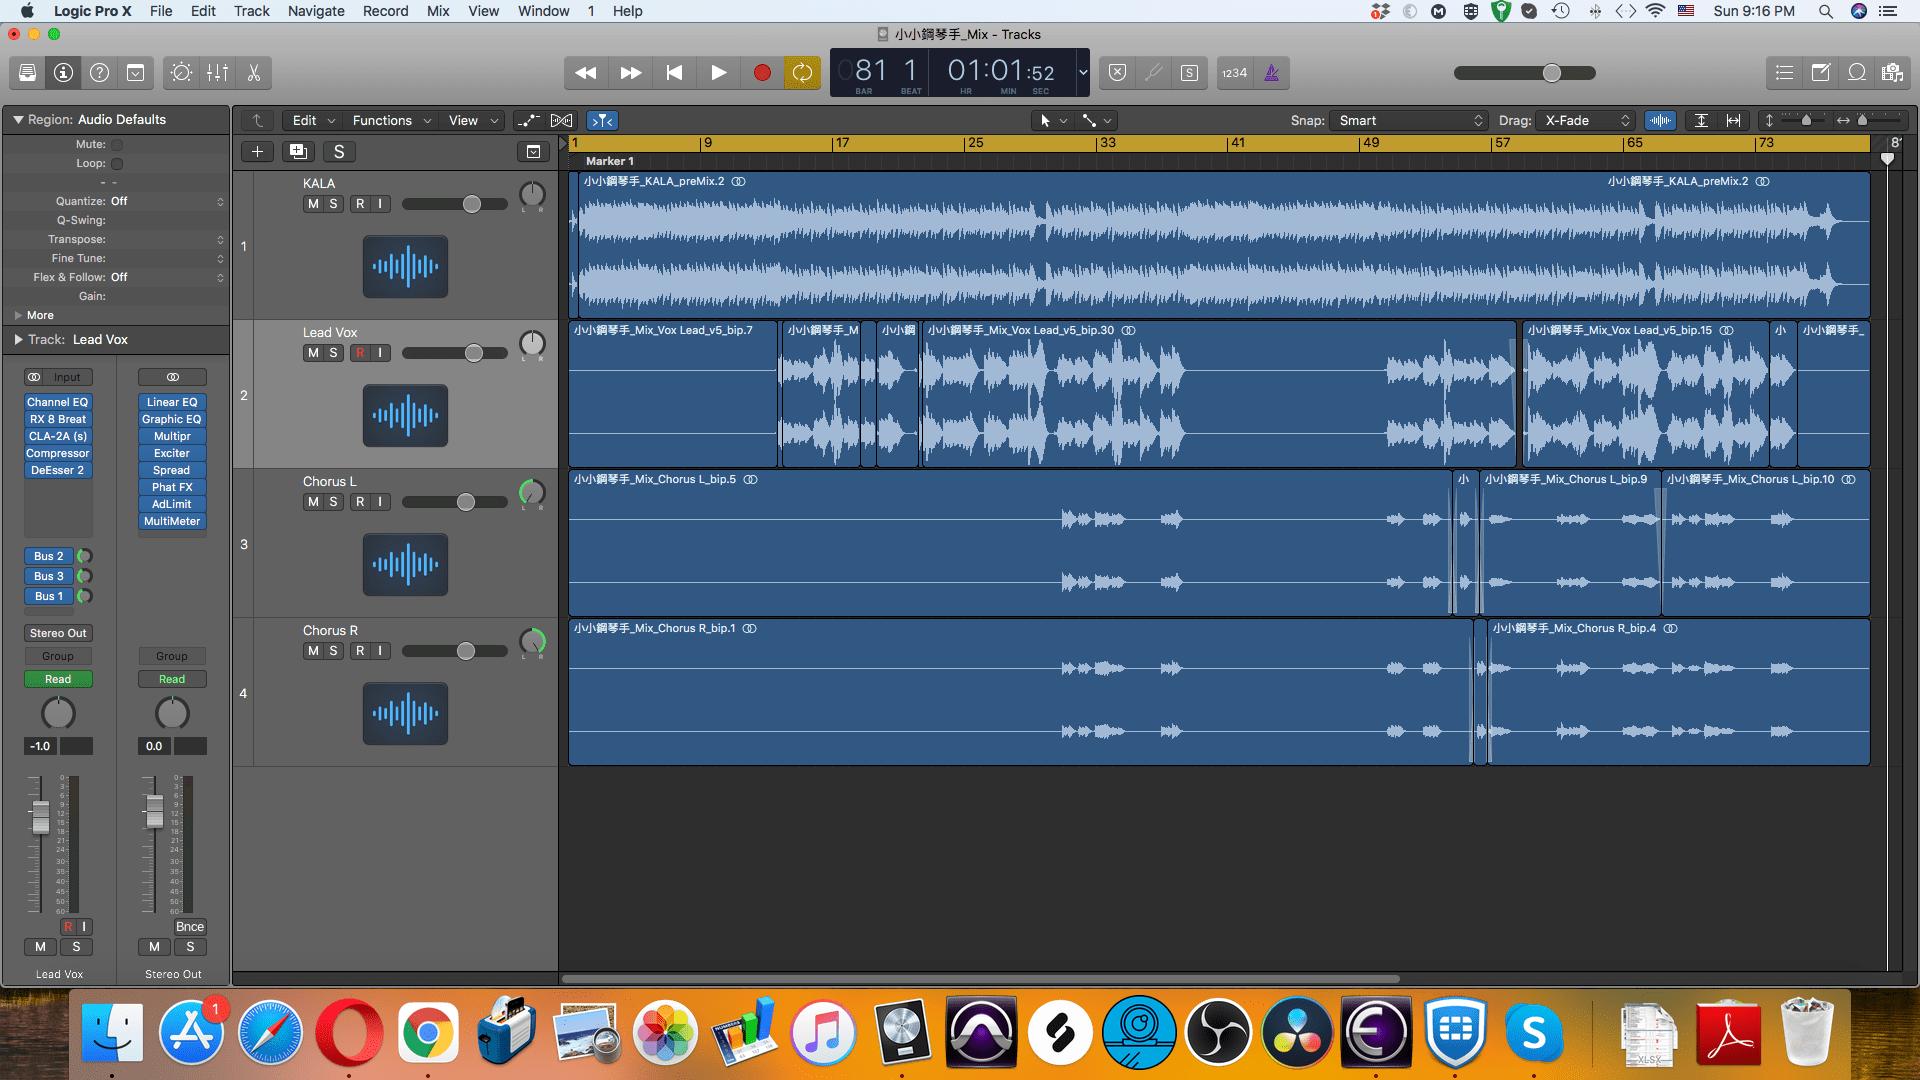 運用Logic Pro X的插件後製,讓聲音聽起來更專業!